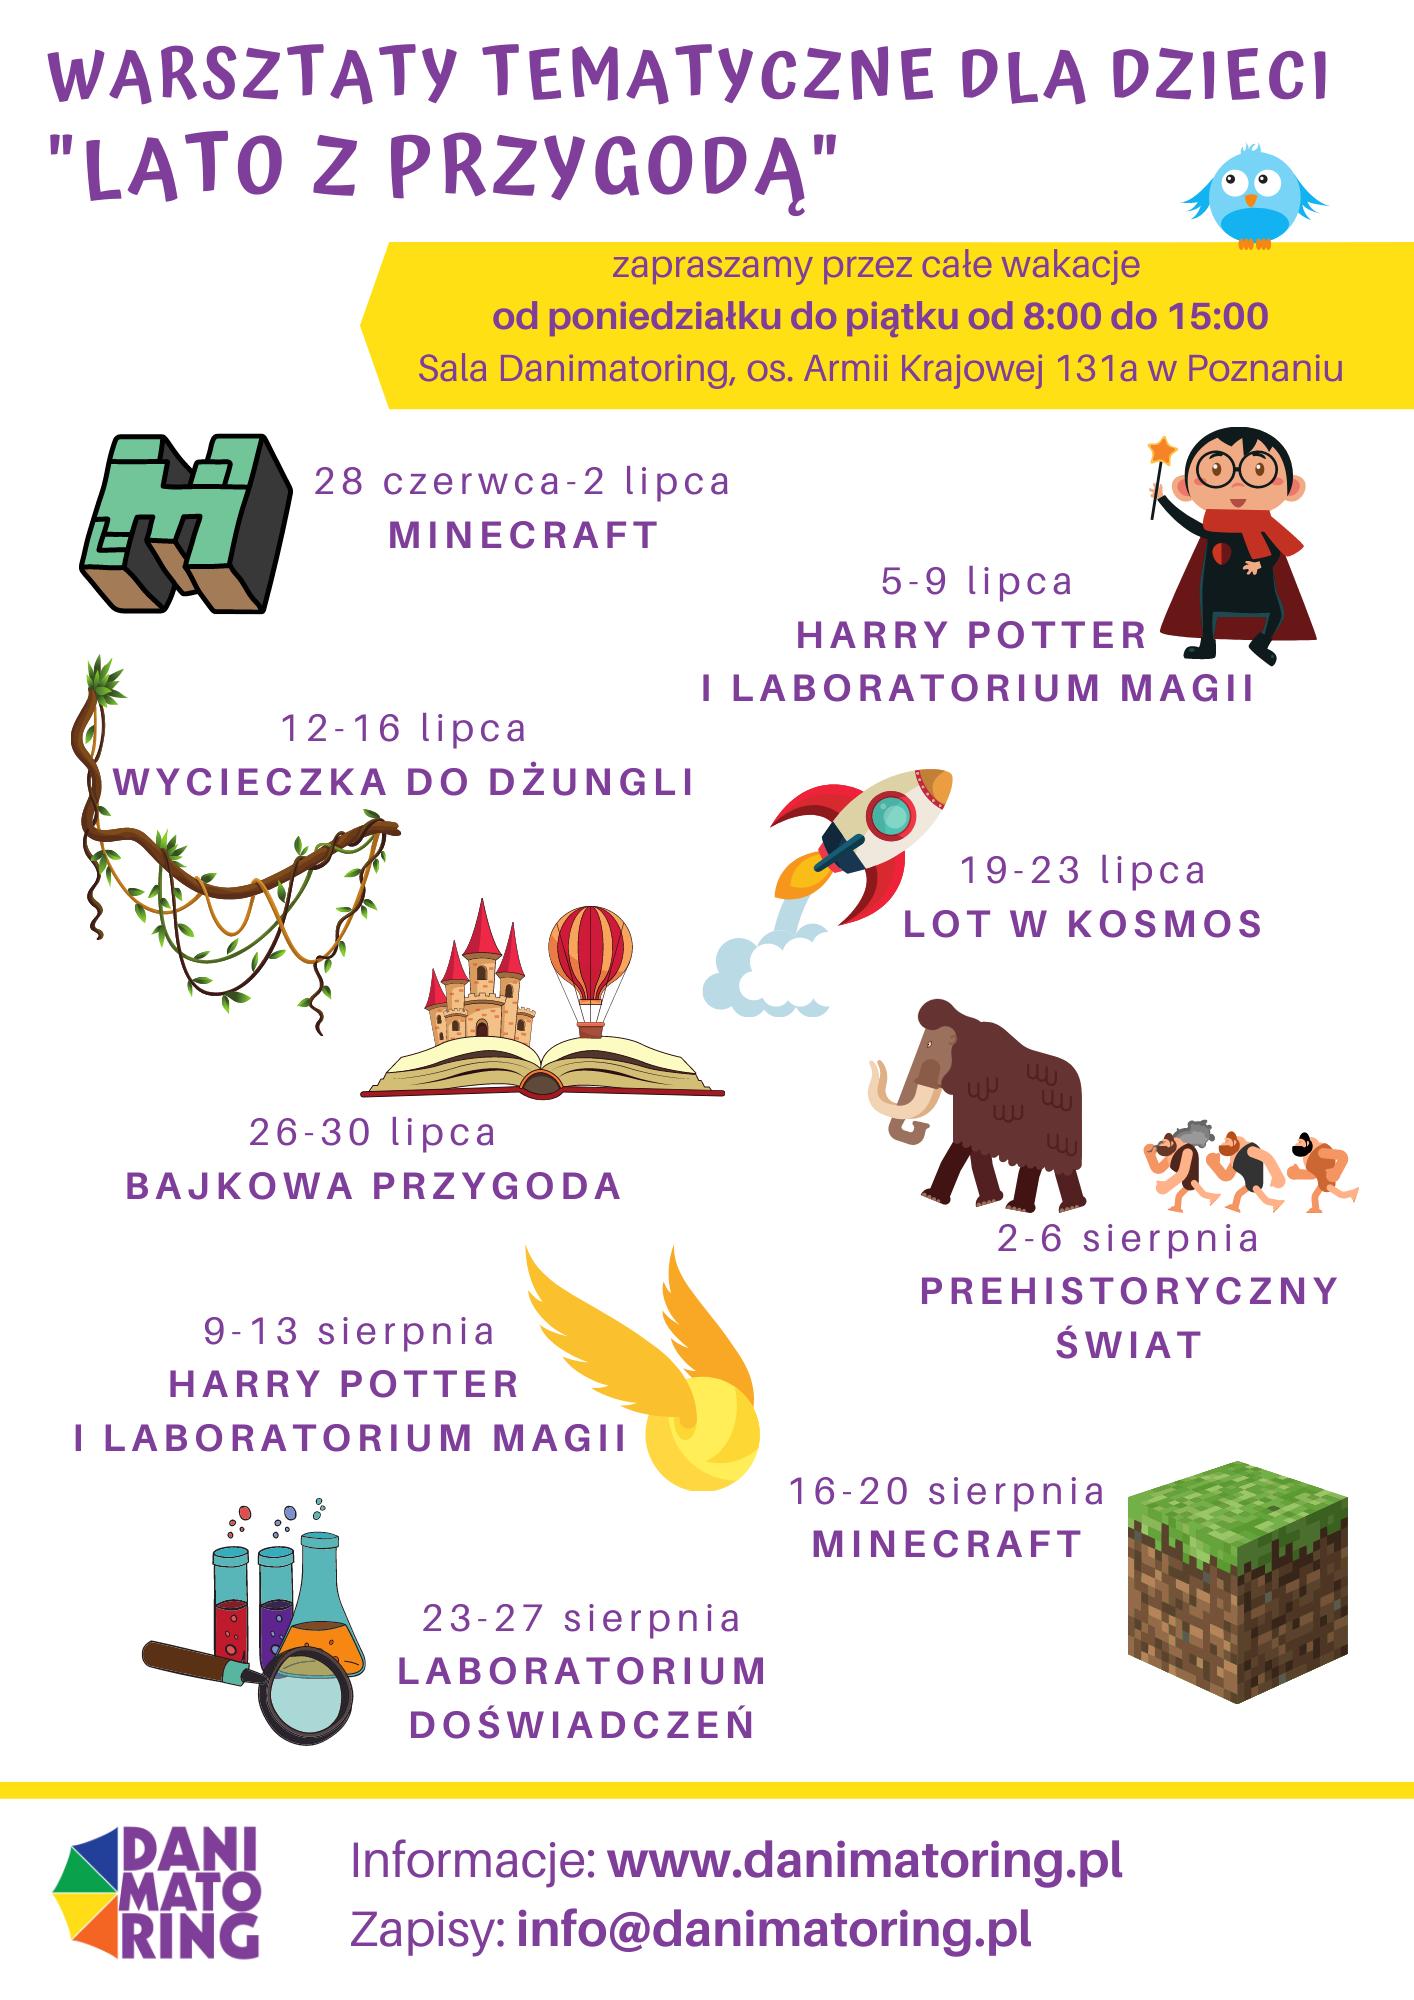 Lato Z Przygodą - Wakacyjne Warsztaty Tematyczne Dla Dzieci - Danimatoring.pl zdjęcie nr 2